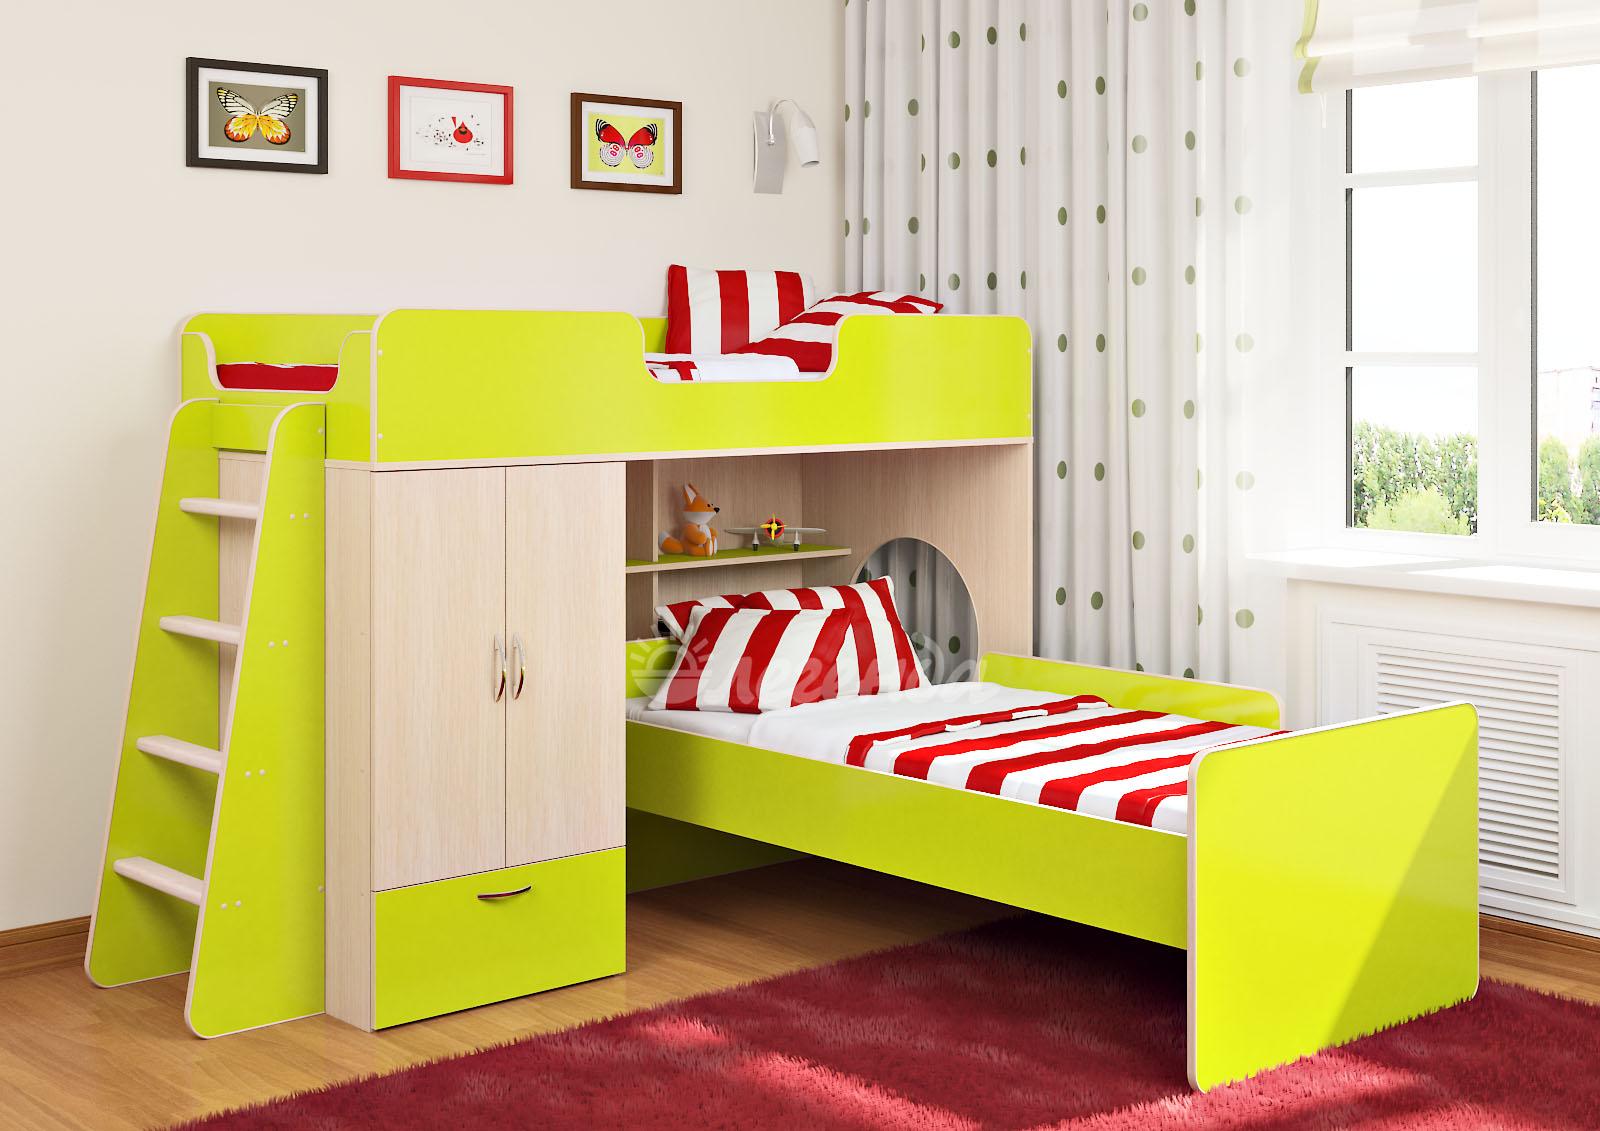 Двухъярусная кровать с перпендикулярными ложе